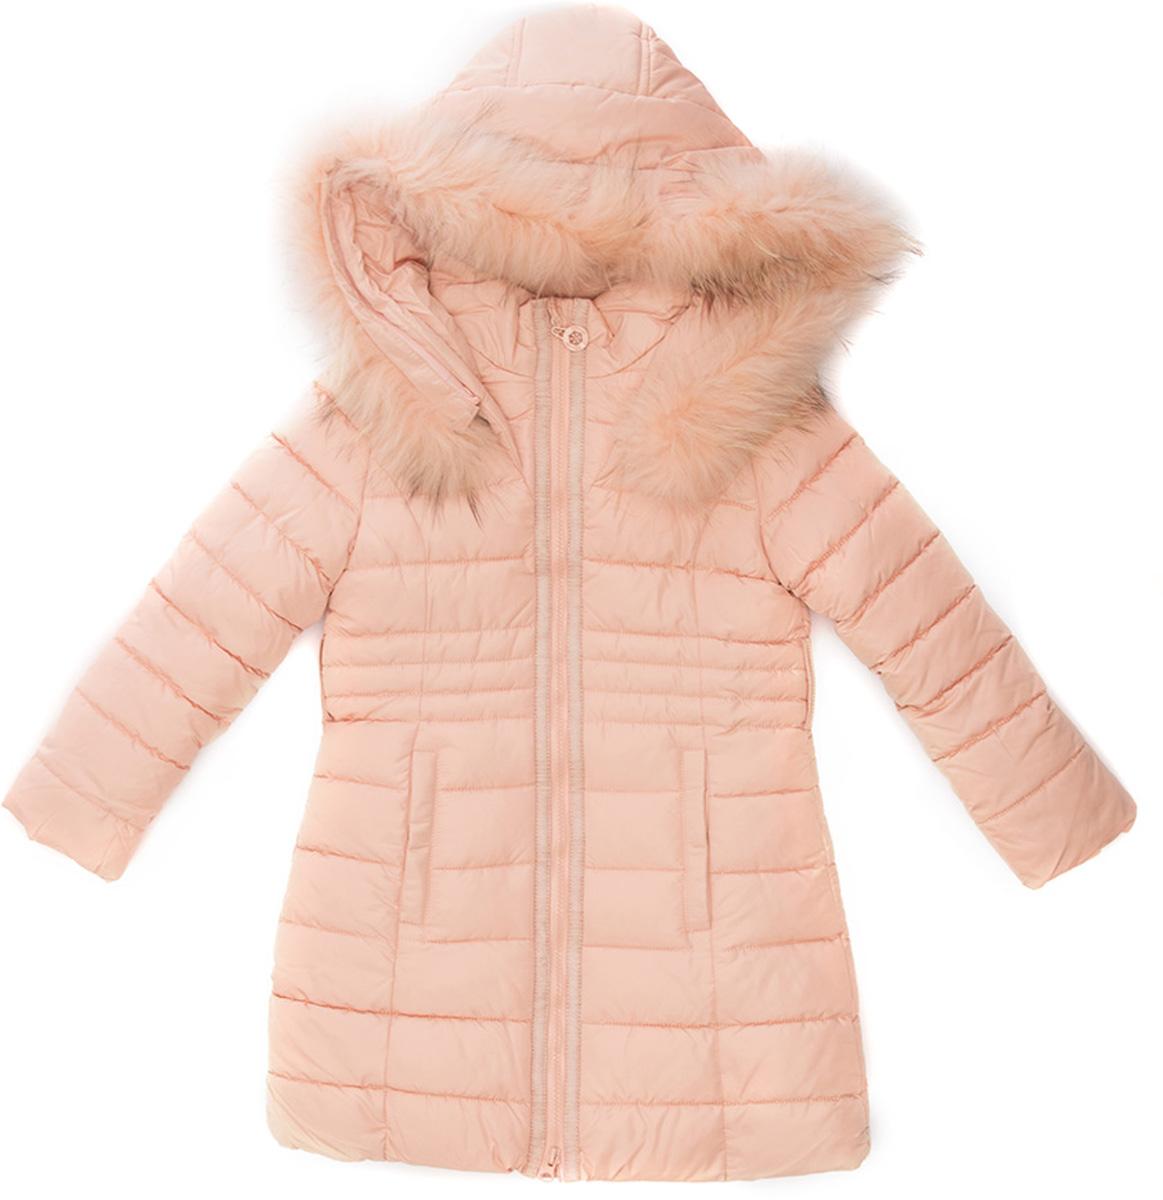 Куртка для девочки Vitacci, цвет: пудровый. 2171479-48. Размер 1282171479-48Куртка-пальто для девочки удлиненная. Капюшон съемный, отделка из натурального меха. Подкладка утеплена флисом по спинке. Наполнитель БИО ПУХ. Температурный режим от -10°С до -25°С